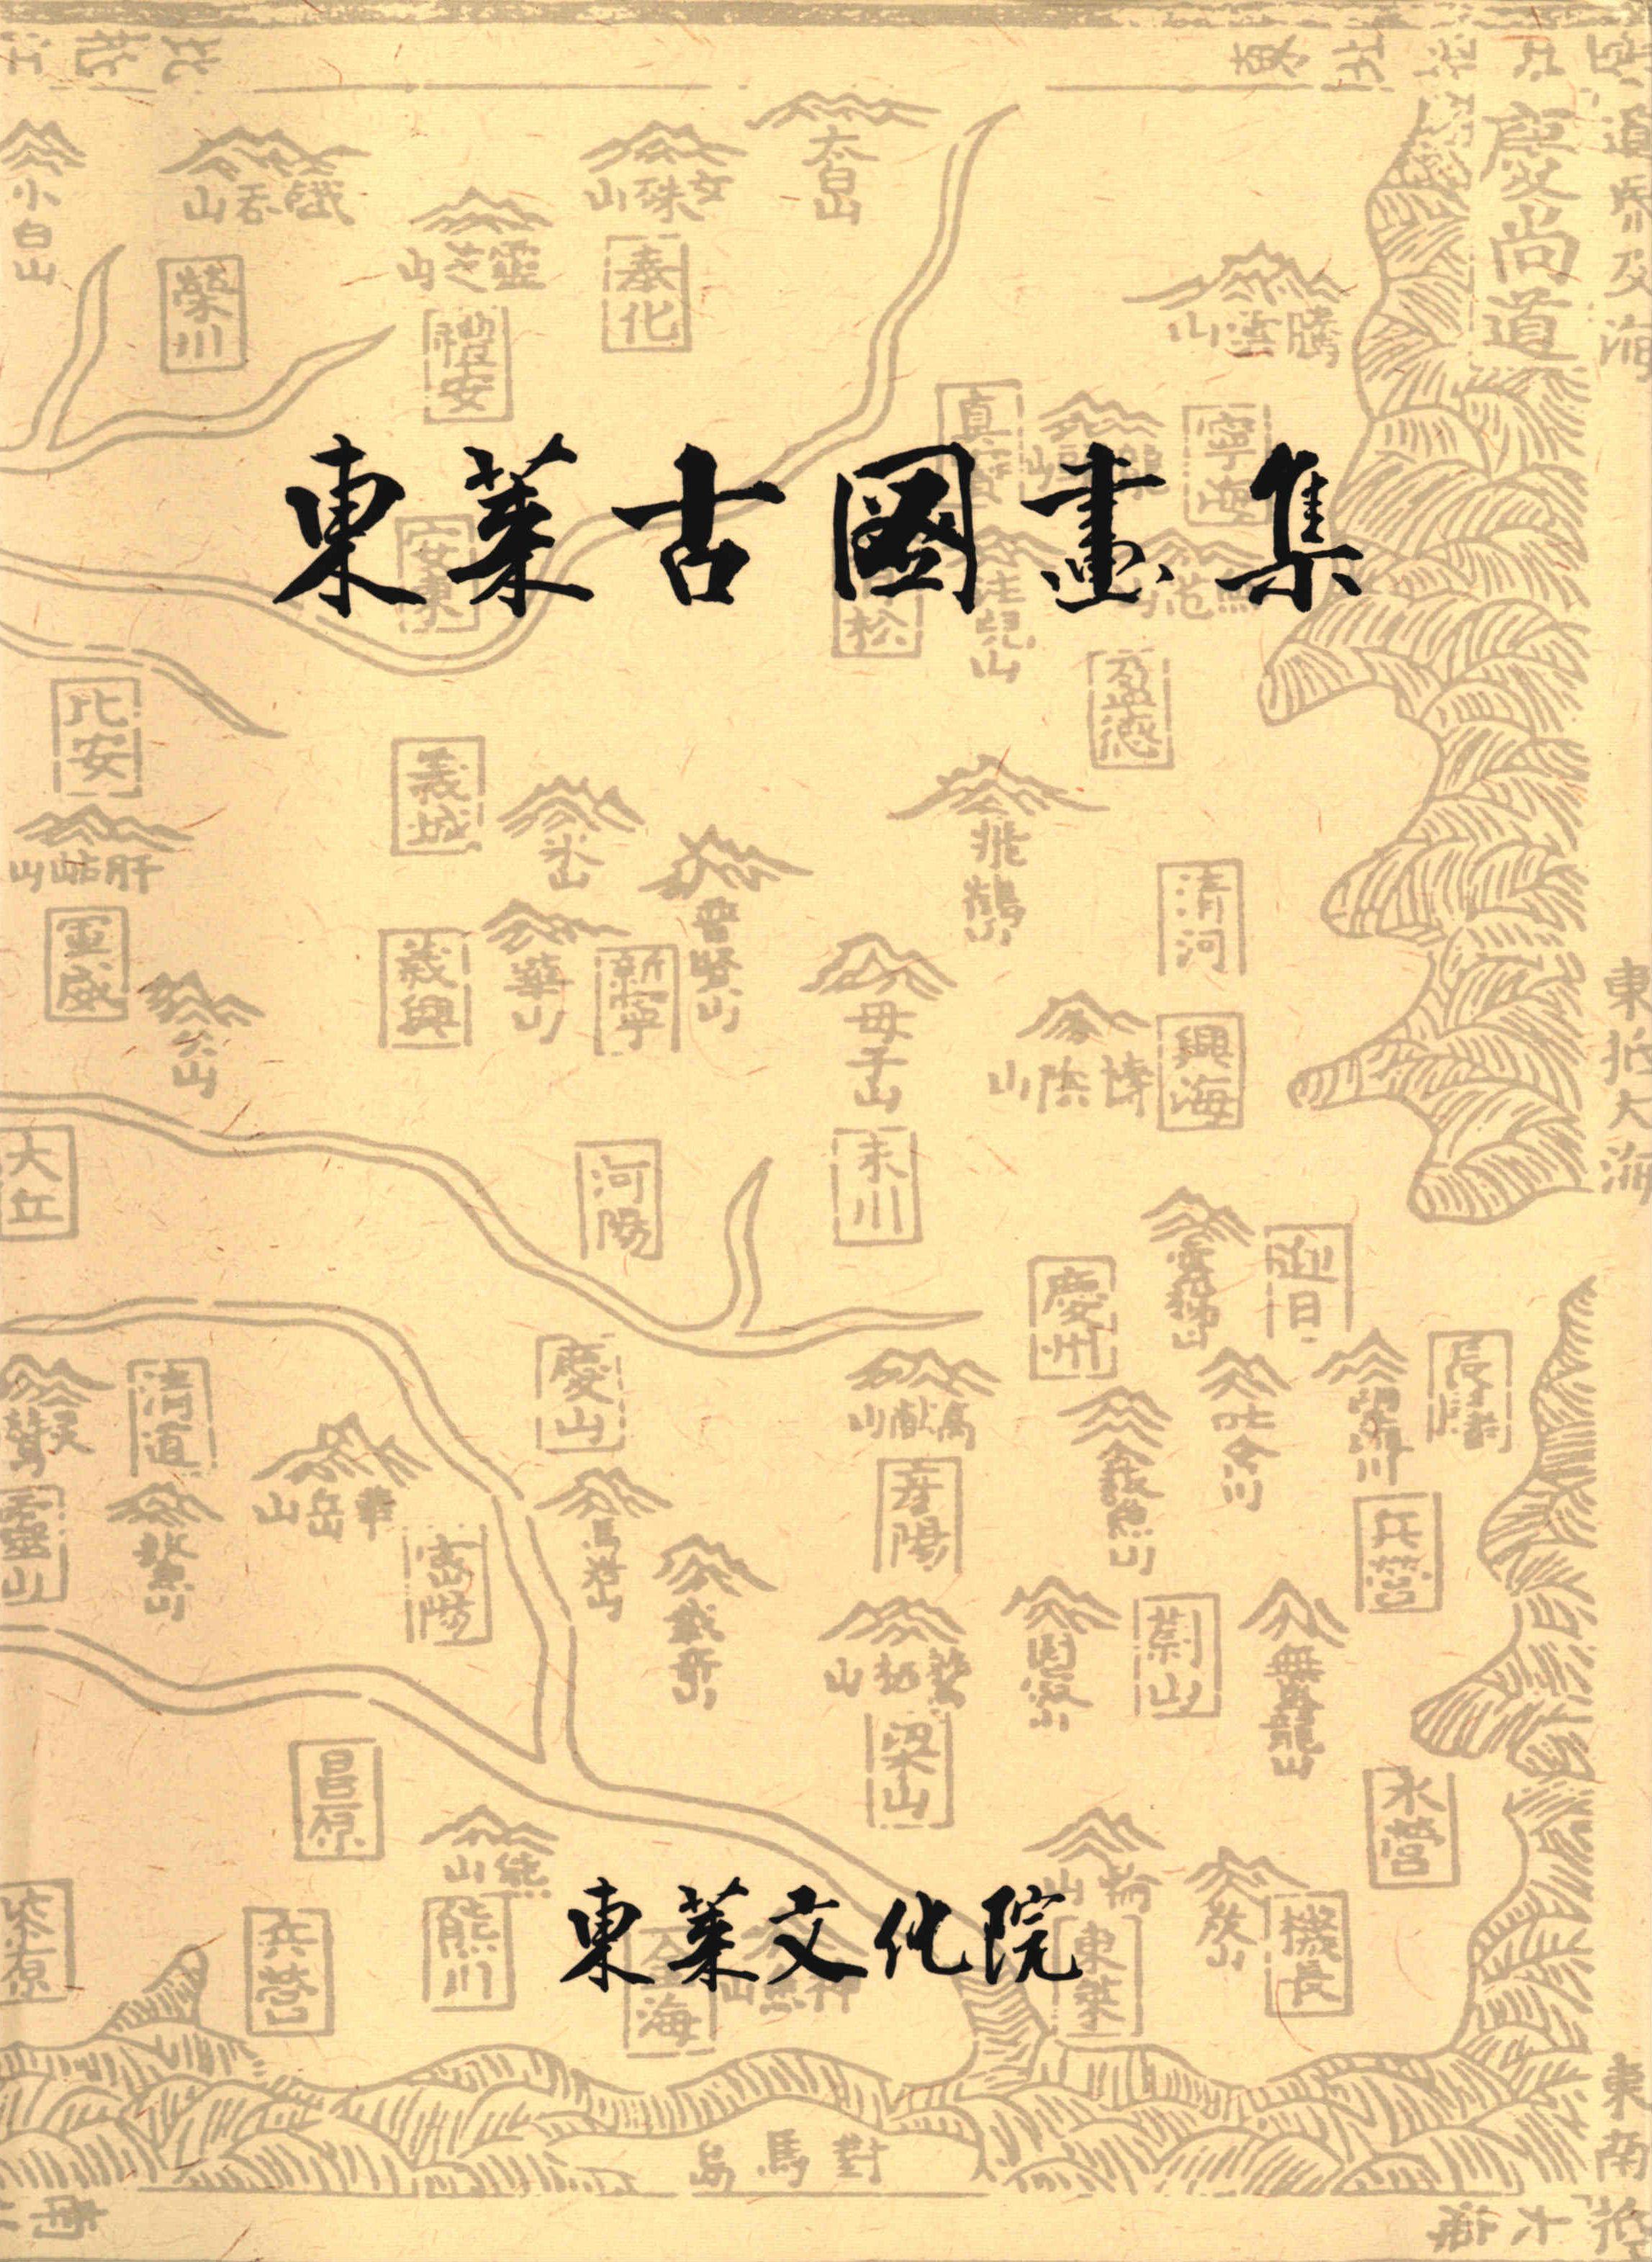 東萊古圖畵集(동래고도화집)